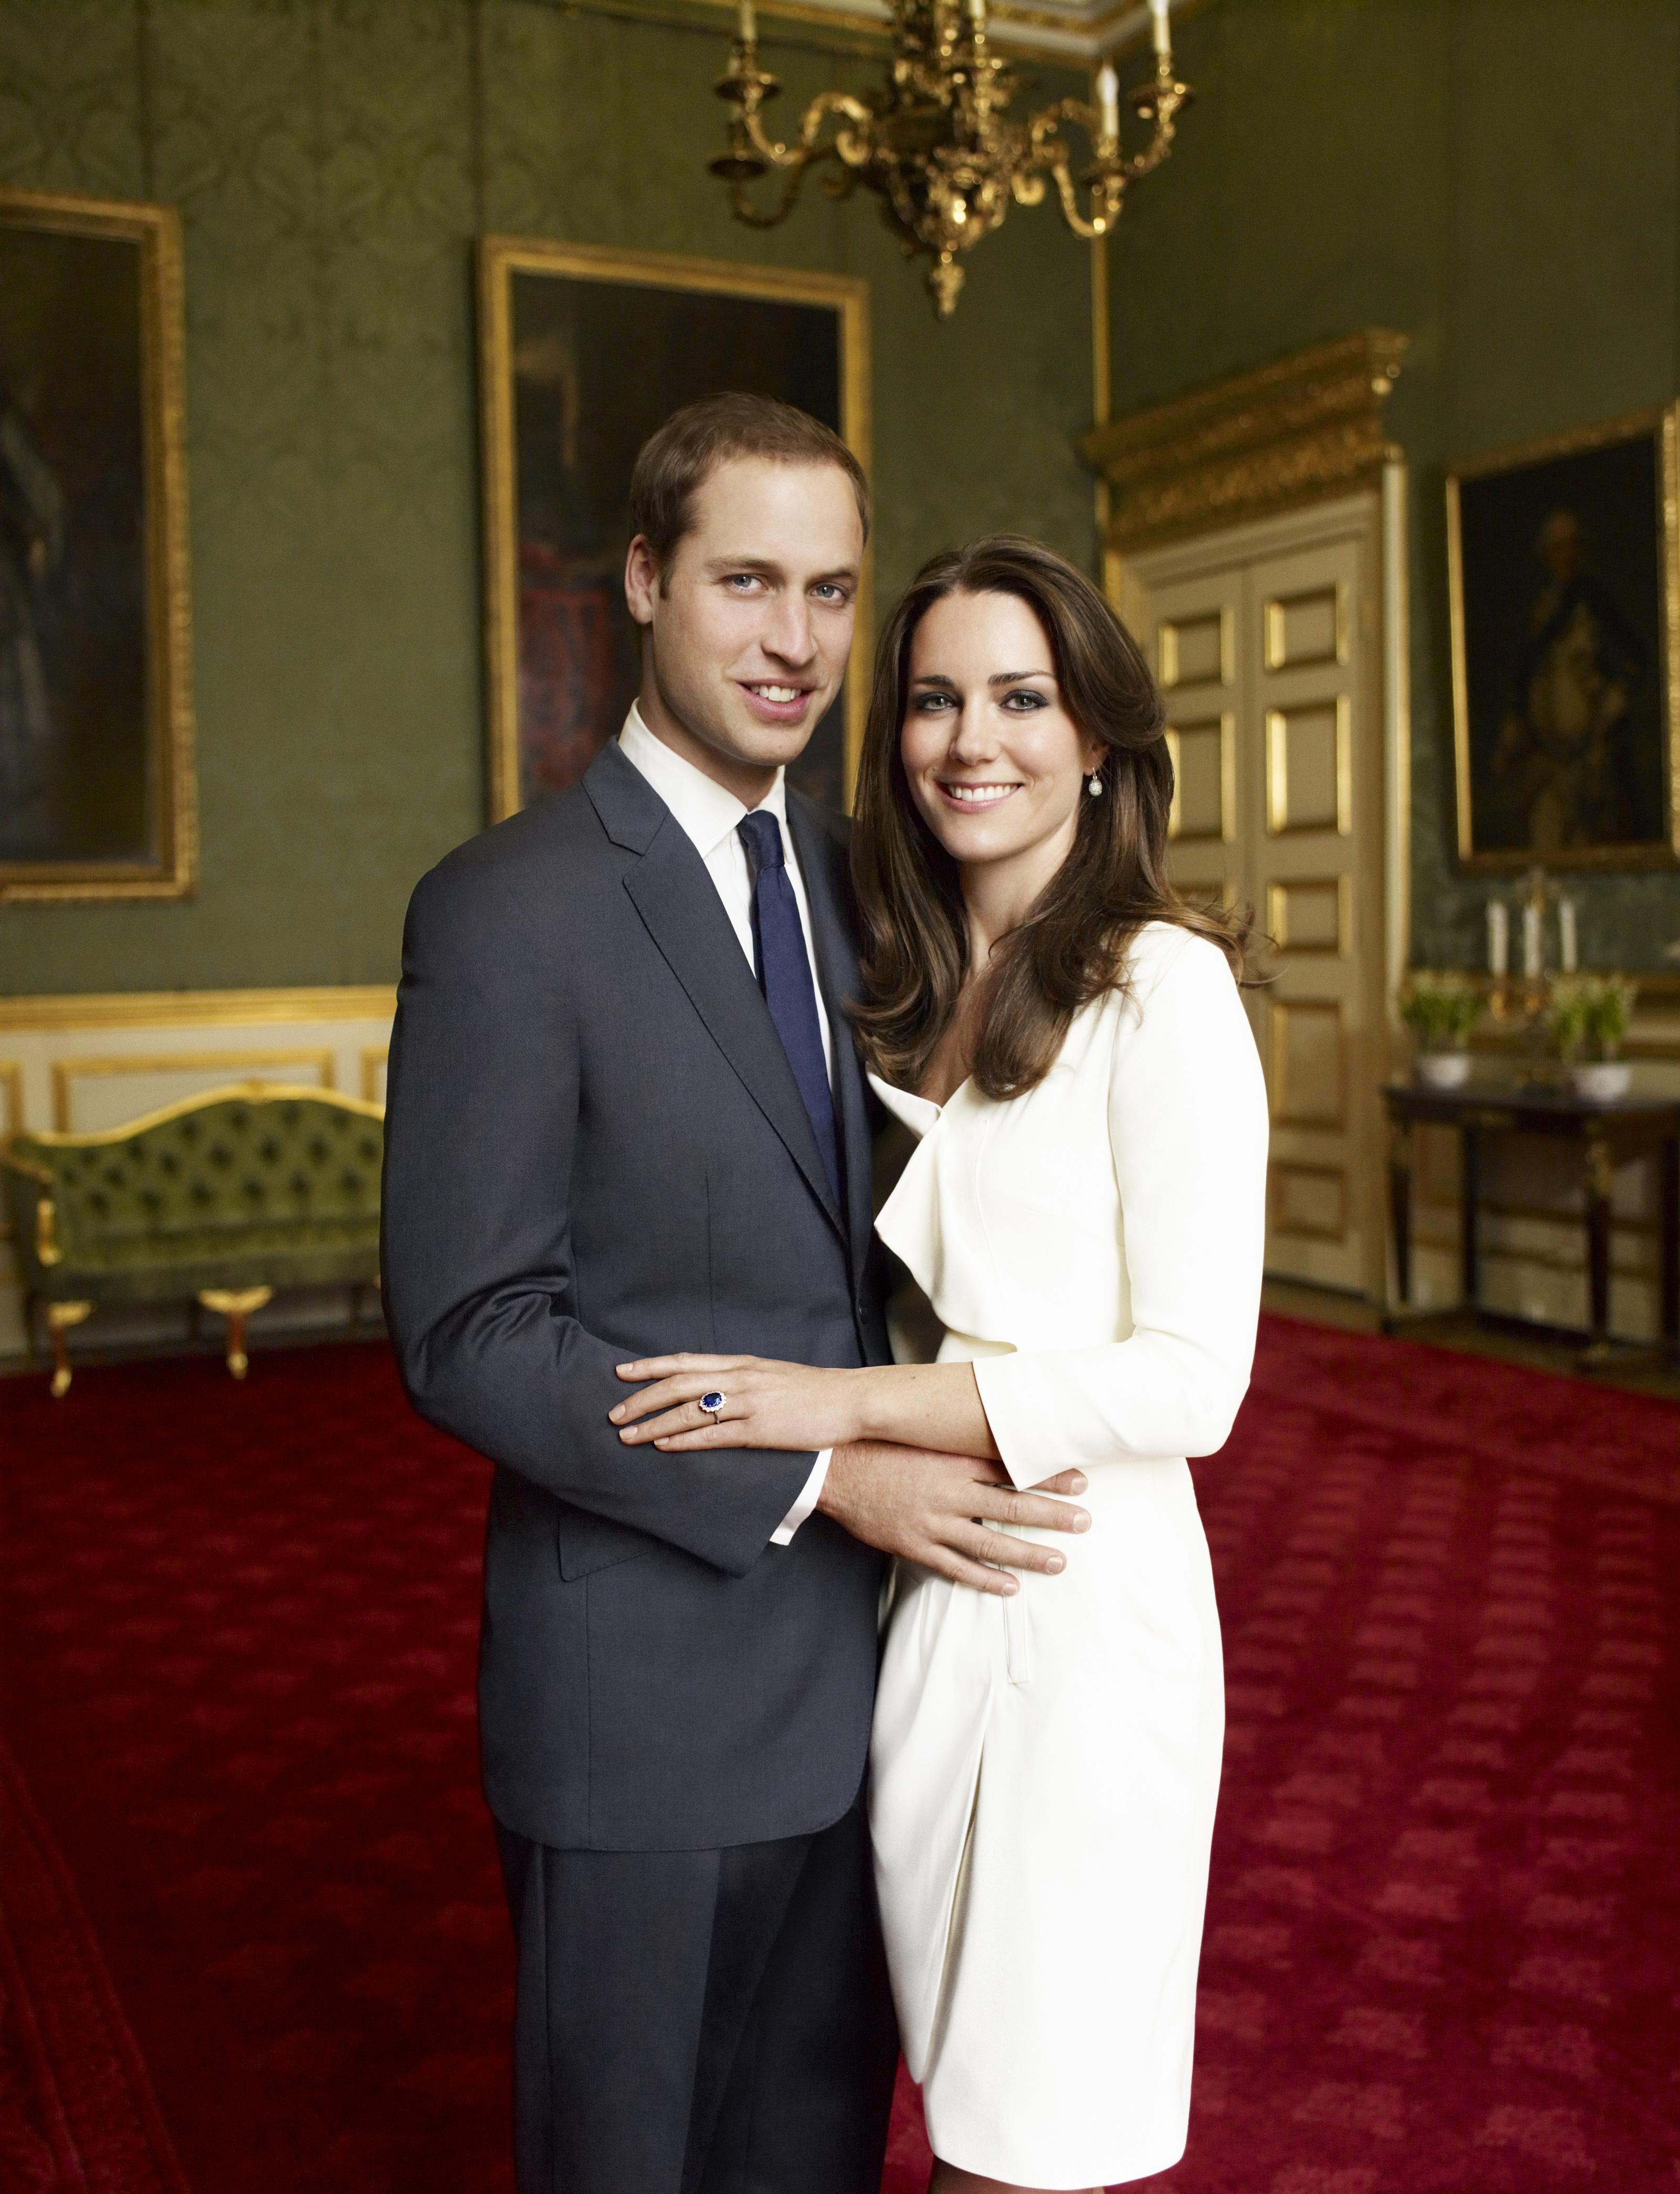 Принц Уильям и Кейт Миддлтон, 2010 (Фото: legion-media.ru)